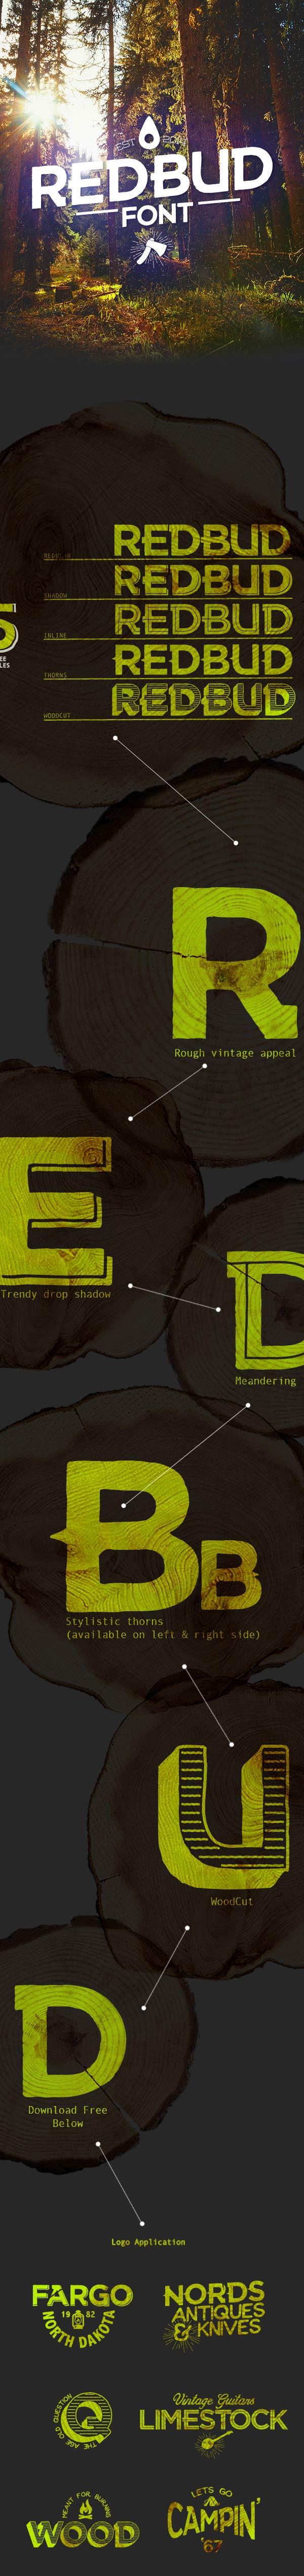 RedBud-font-free